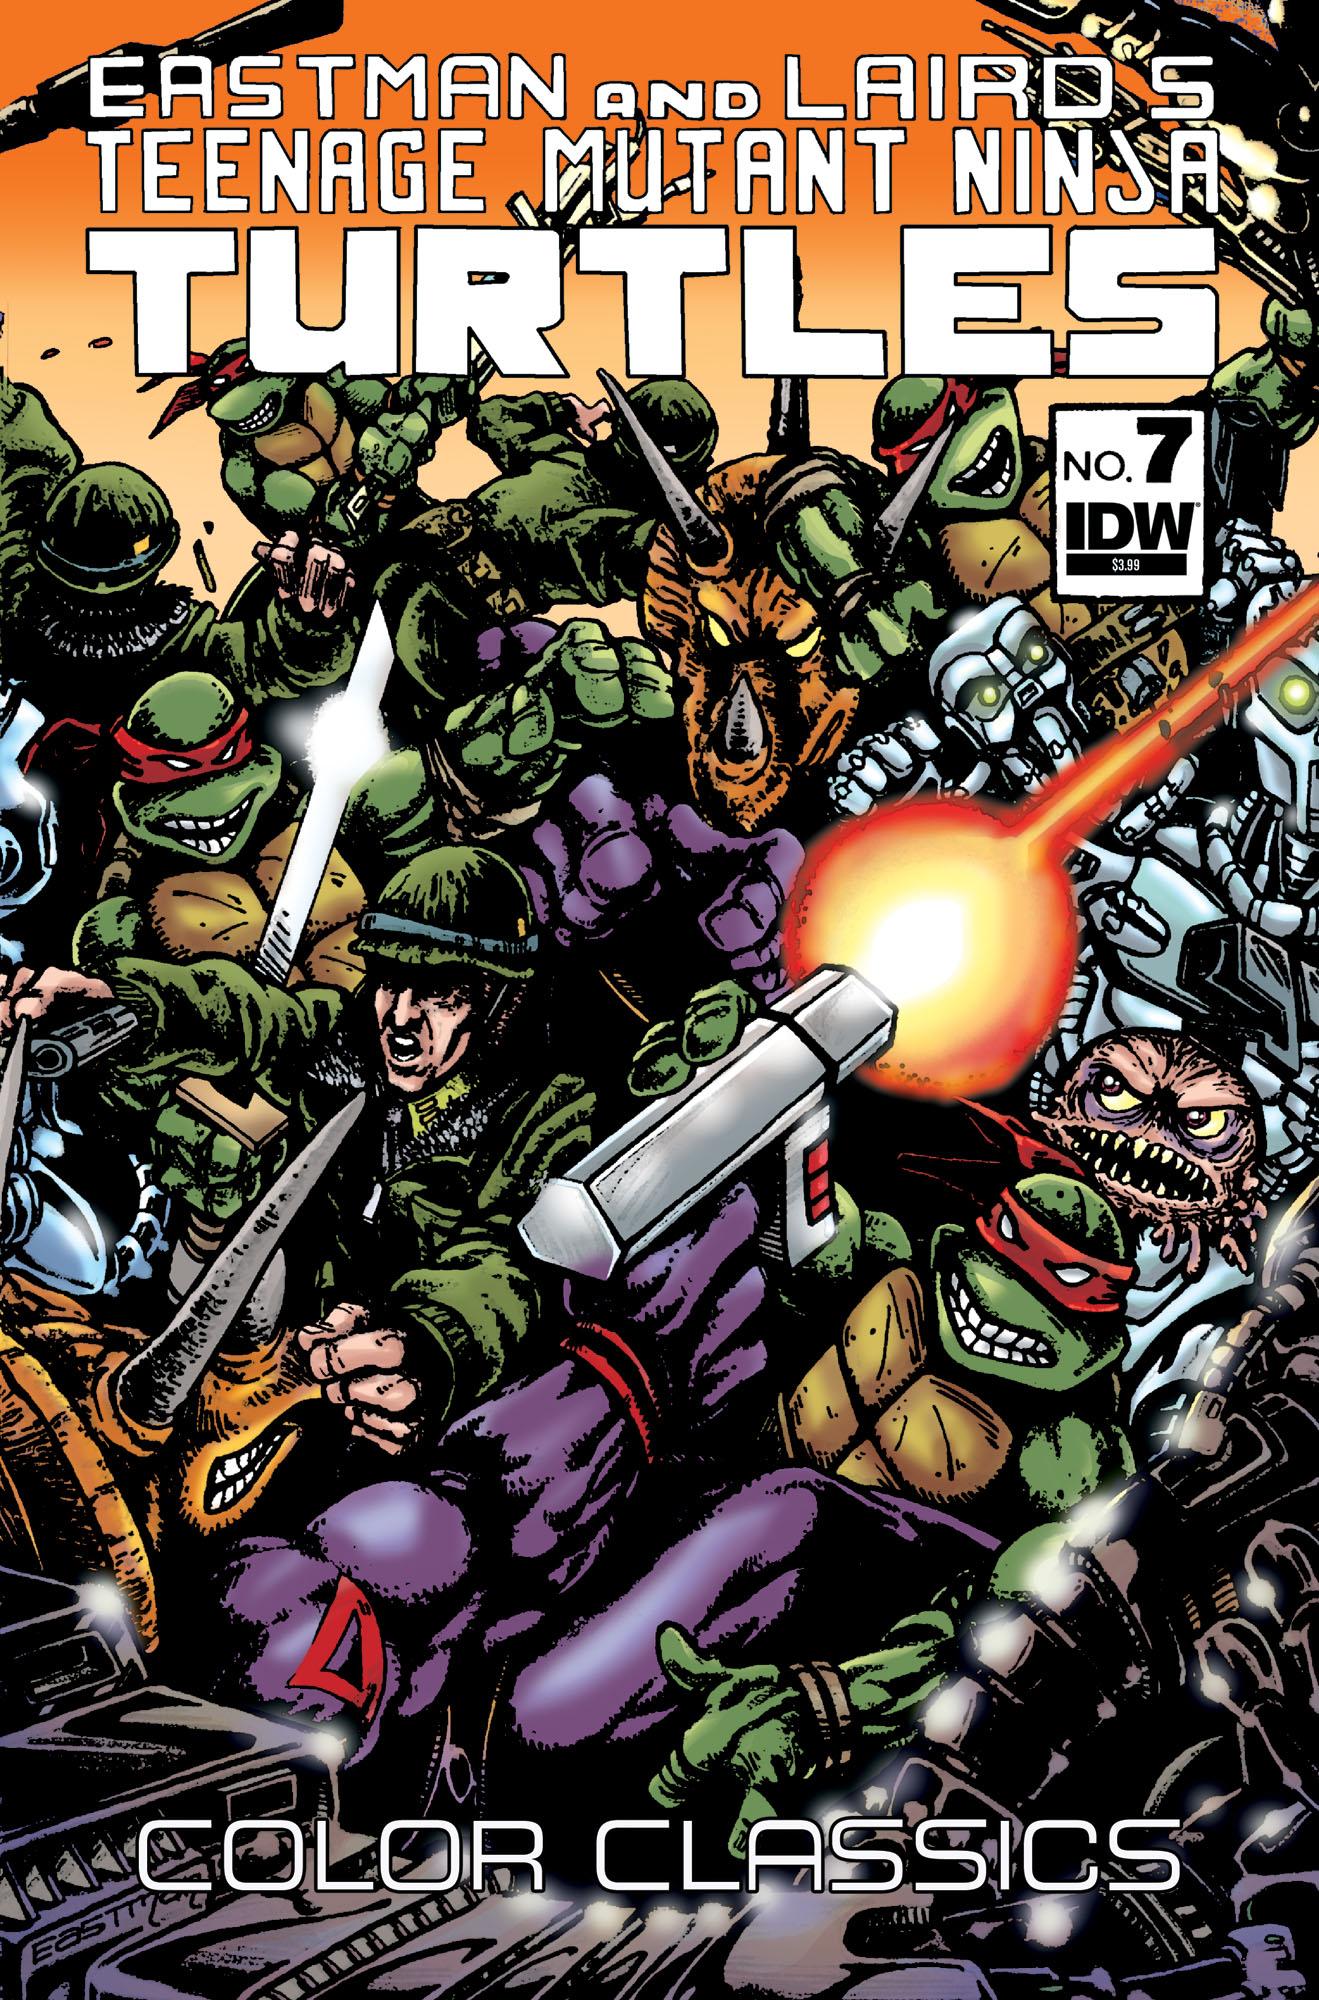 idw teenage mutant ninja turtles color classics number 07